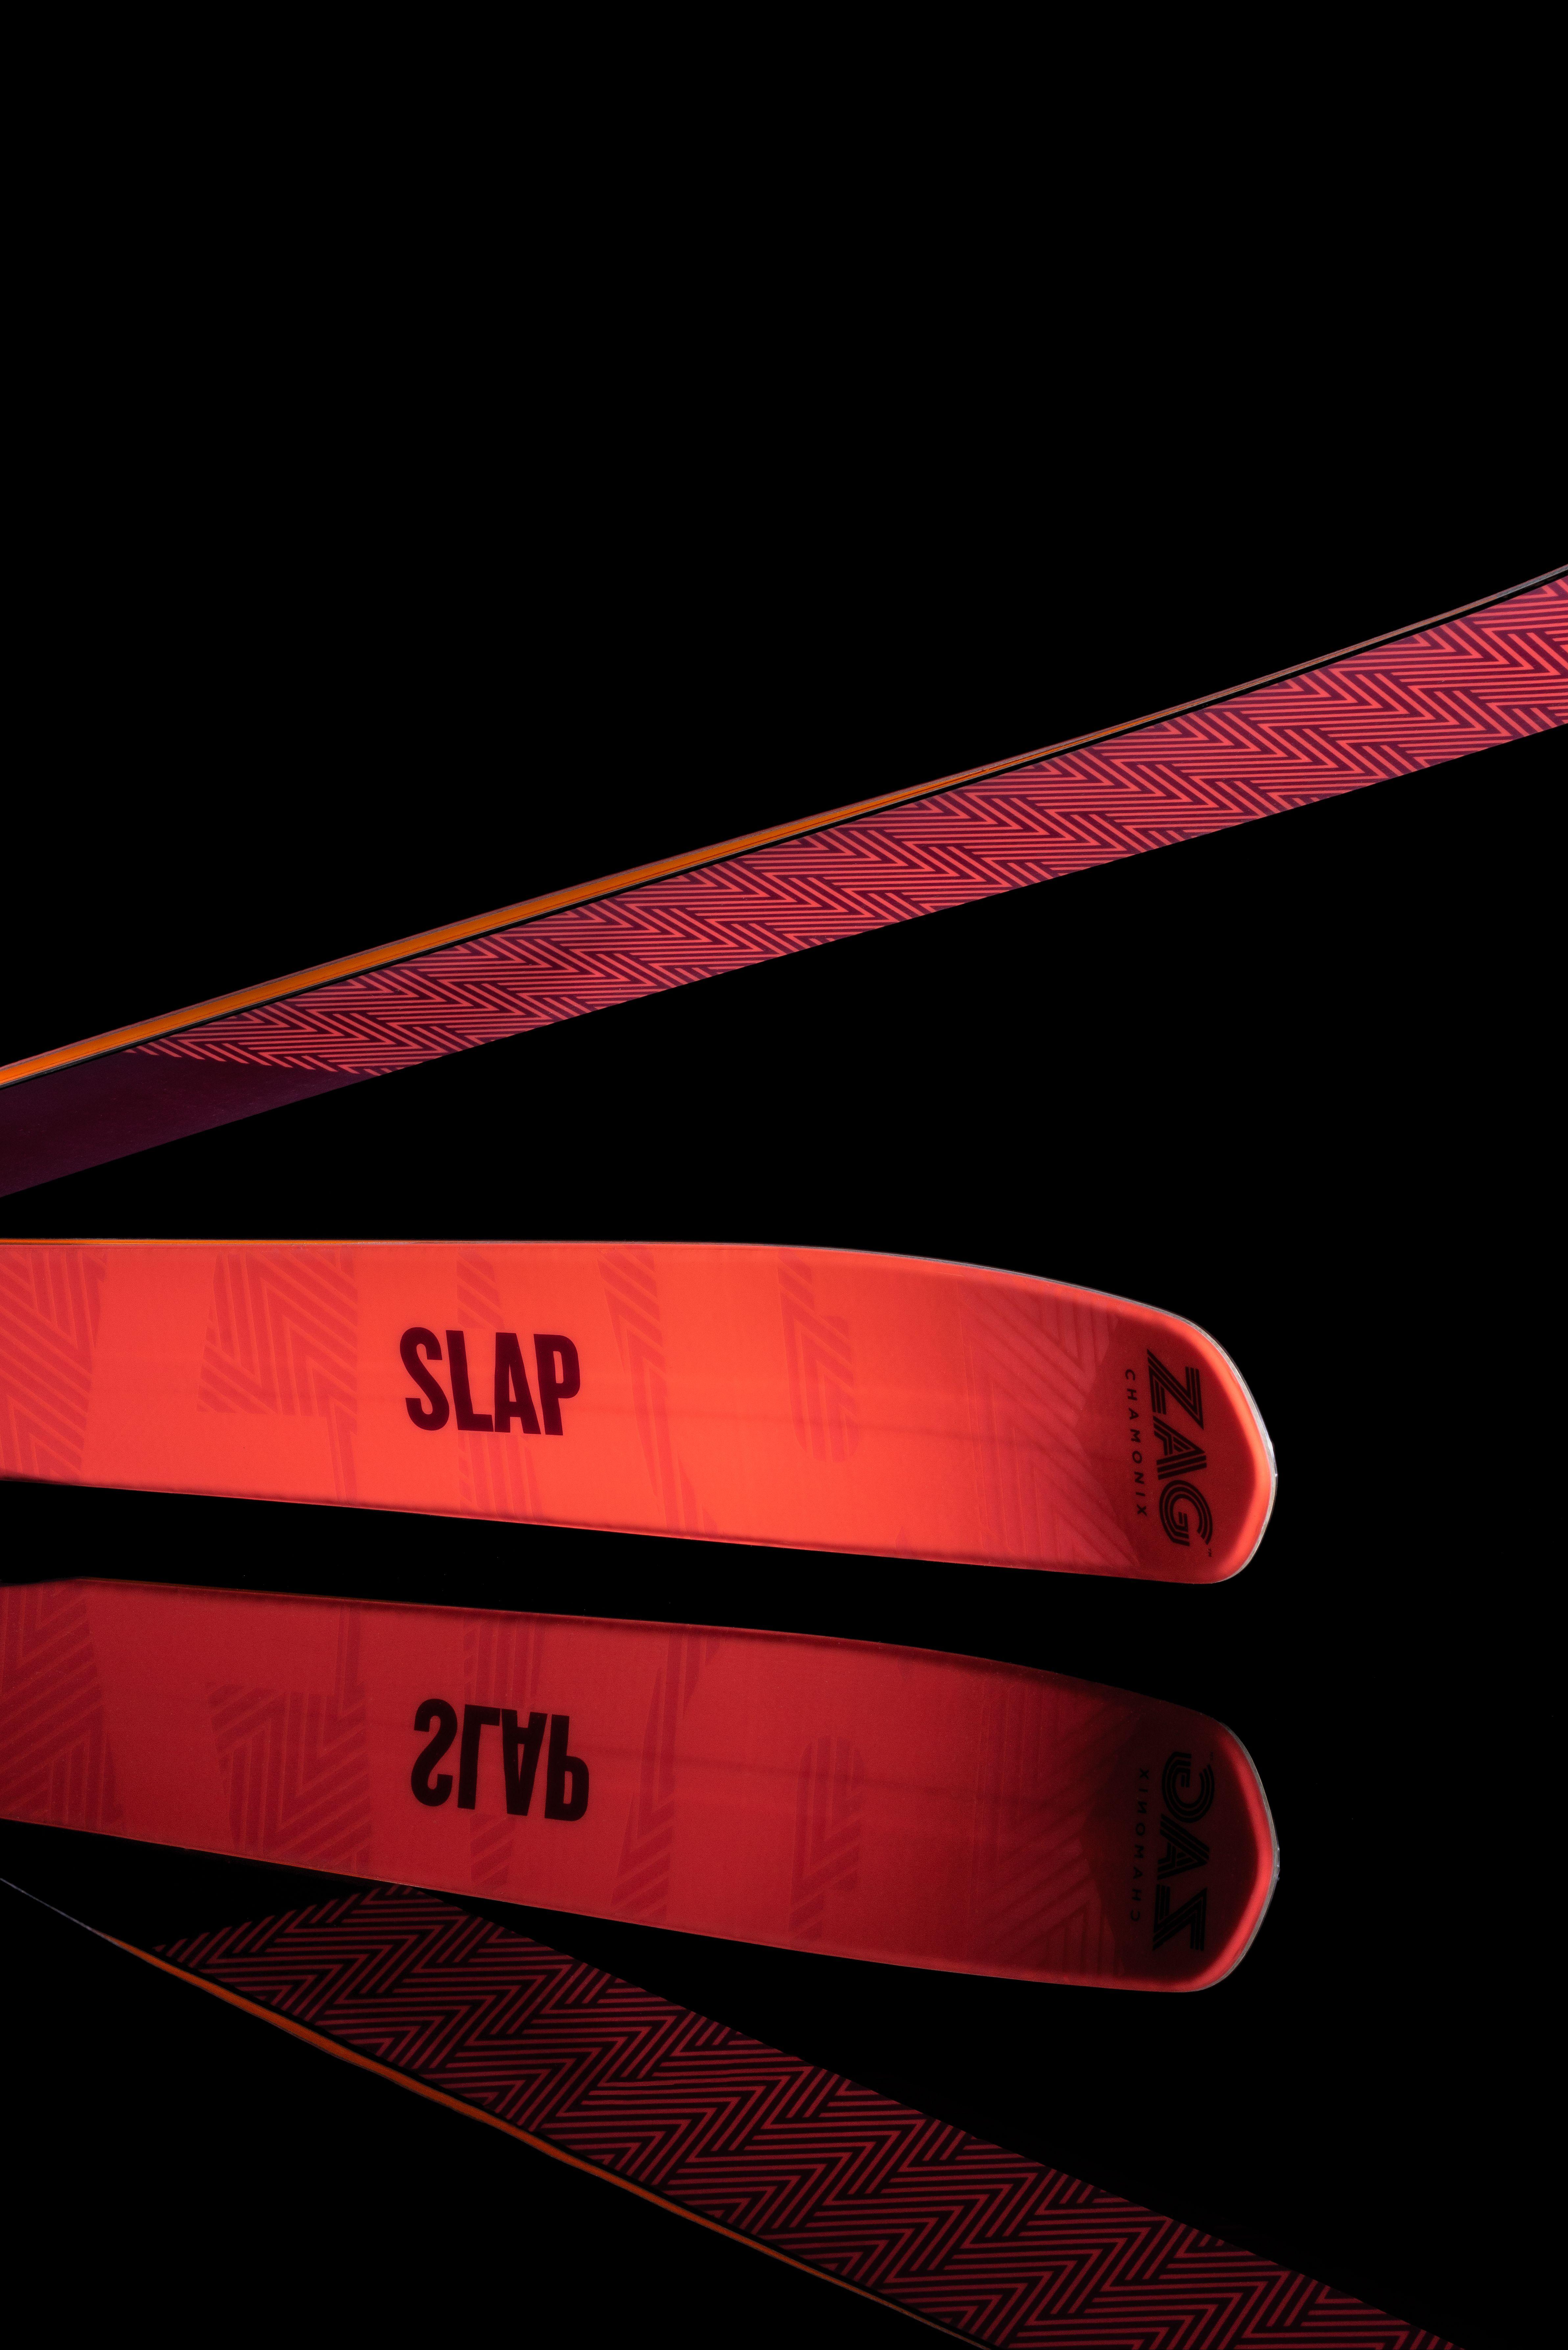 Freeride Powder Ski Slap Zag Skis